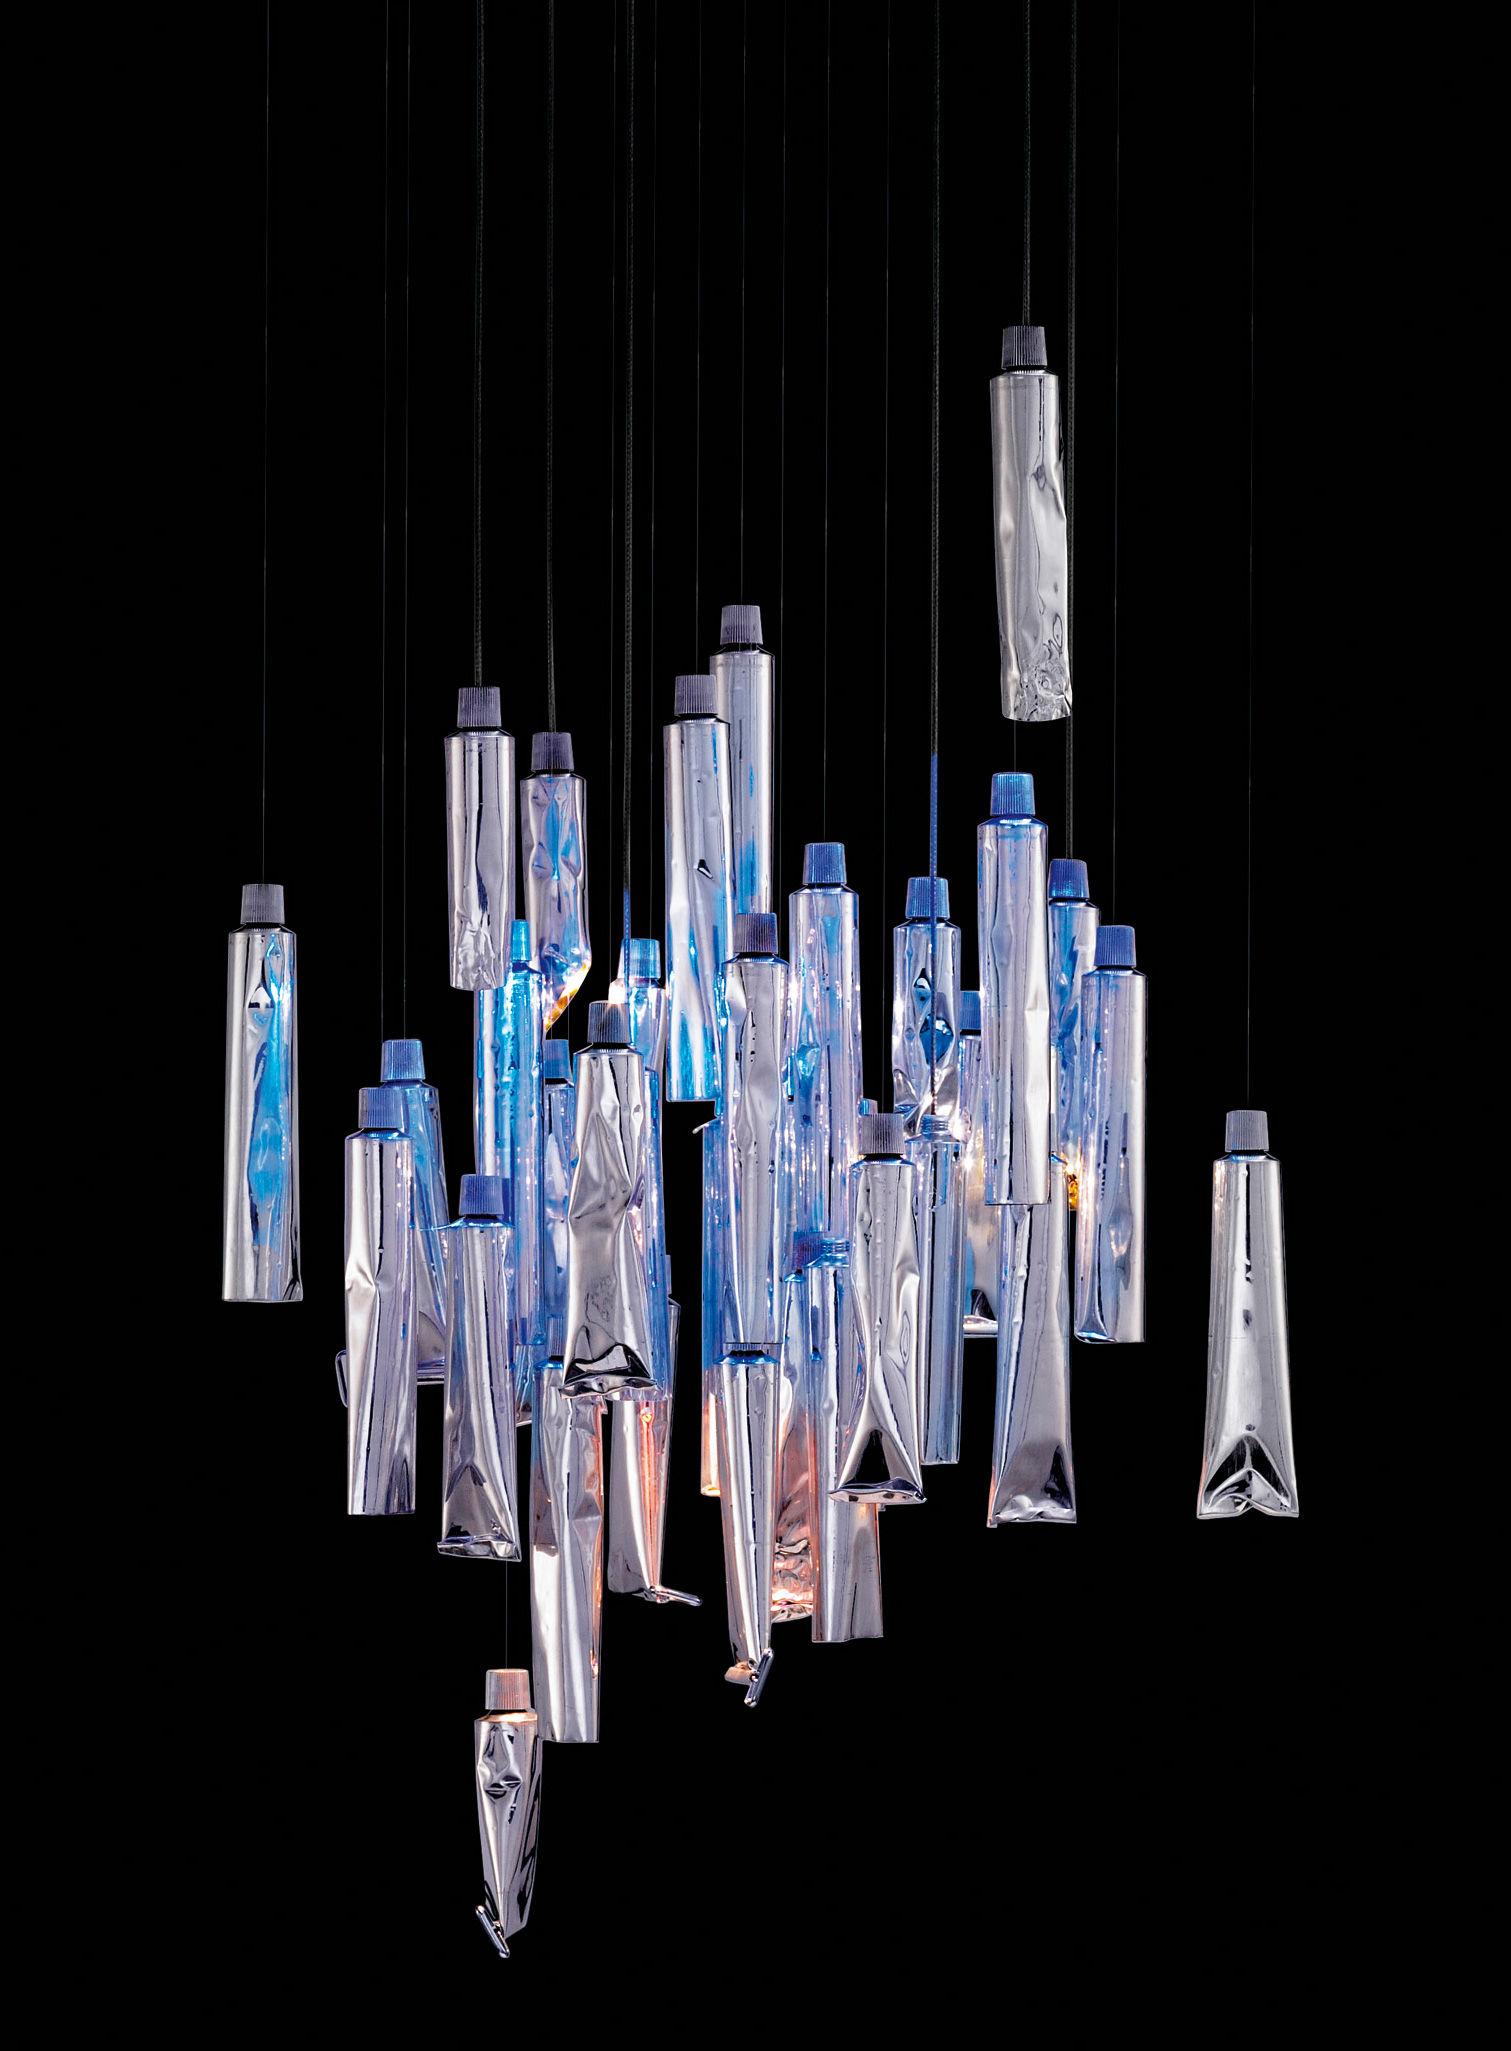 Luminaire - Suspension Tu-Be I - Ingo Maurer - Aluminium - Aluminium